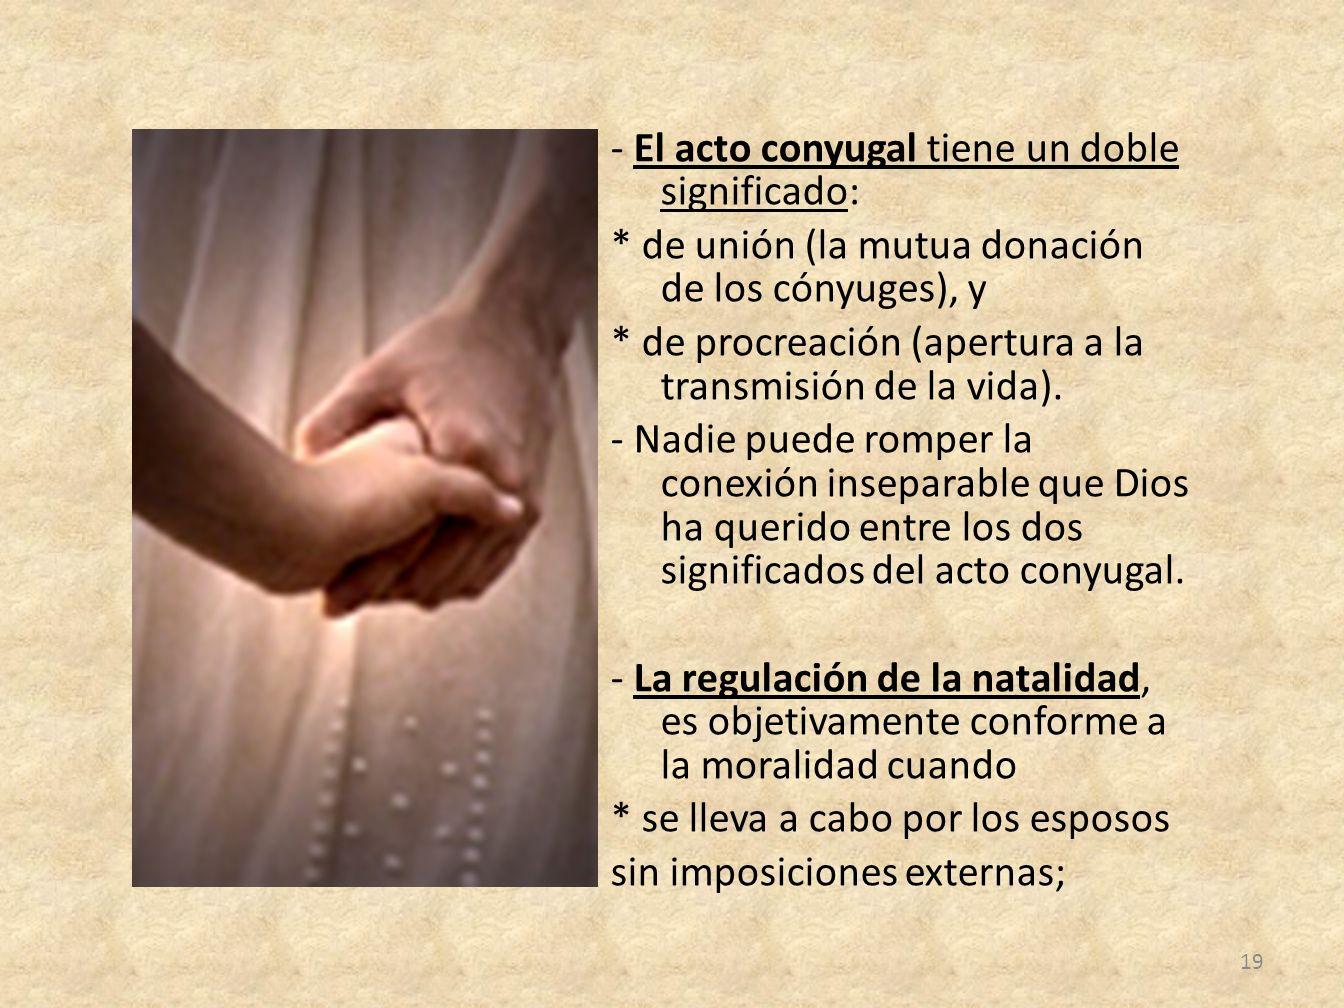 - El acto conyugal tiene un doble significado: * de unión (la mutua donación de los cónyuges), y * de procreación (apertura a la transmisión de la vid